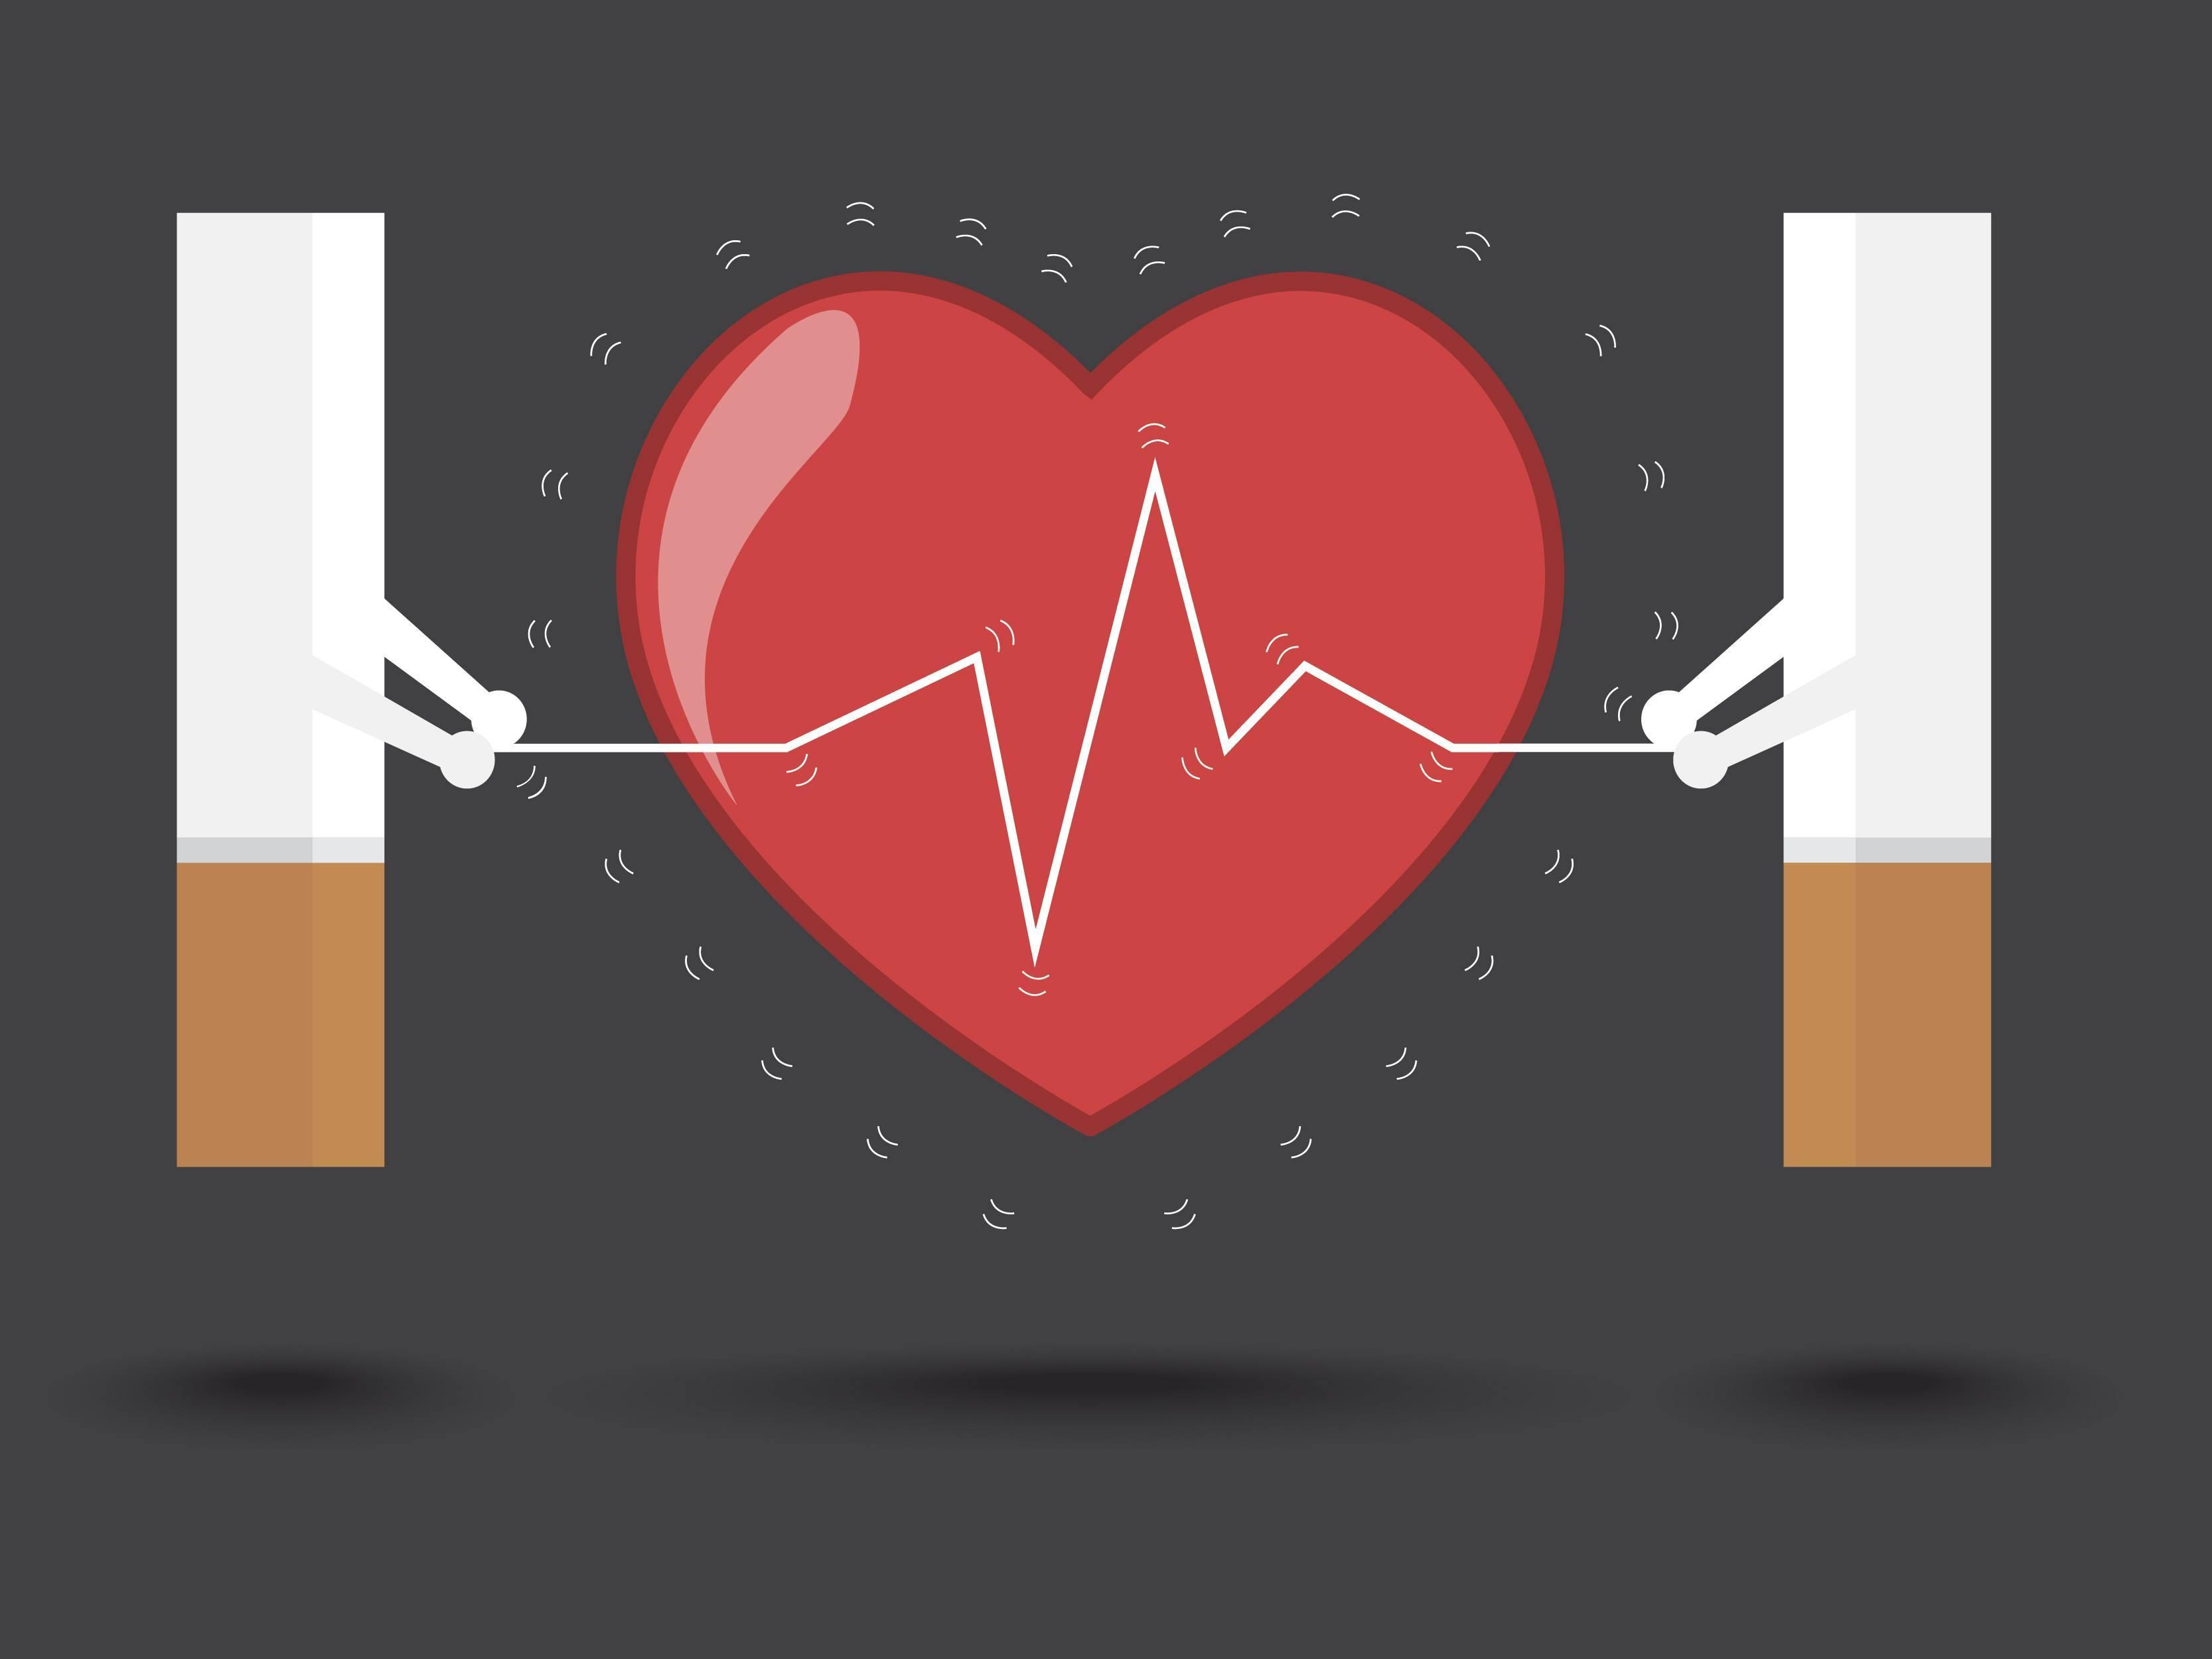 Может ли от курения болеть сердце и как еще влияет никотин на сердечно-сосудистую систему человека?